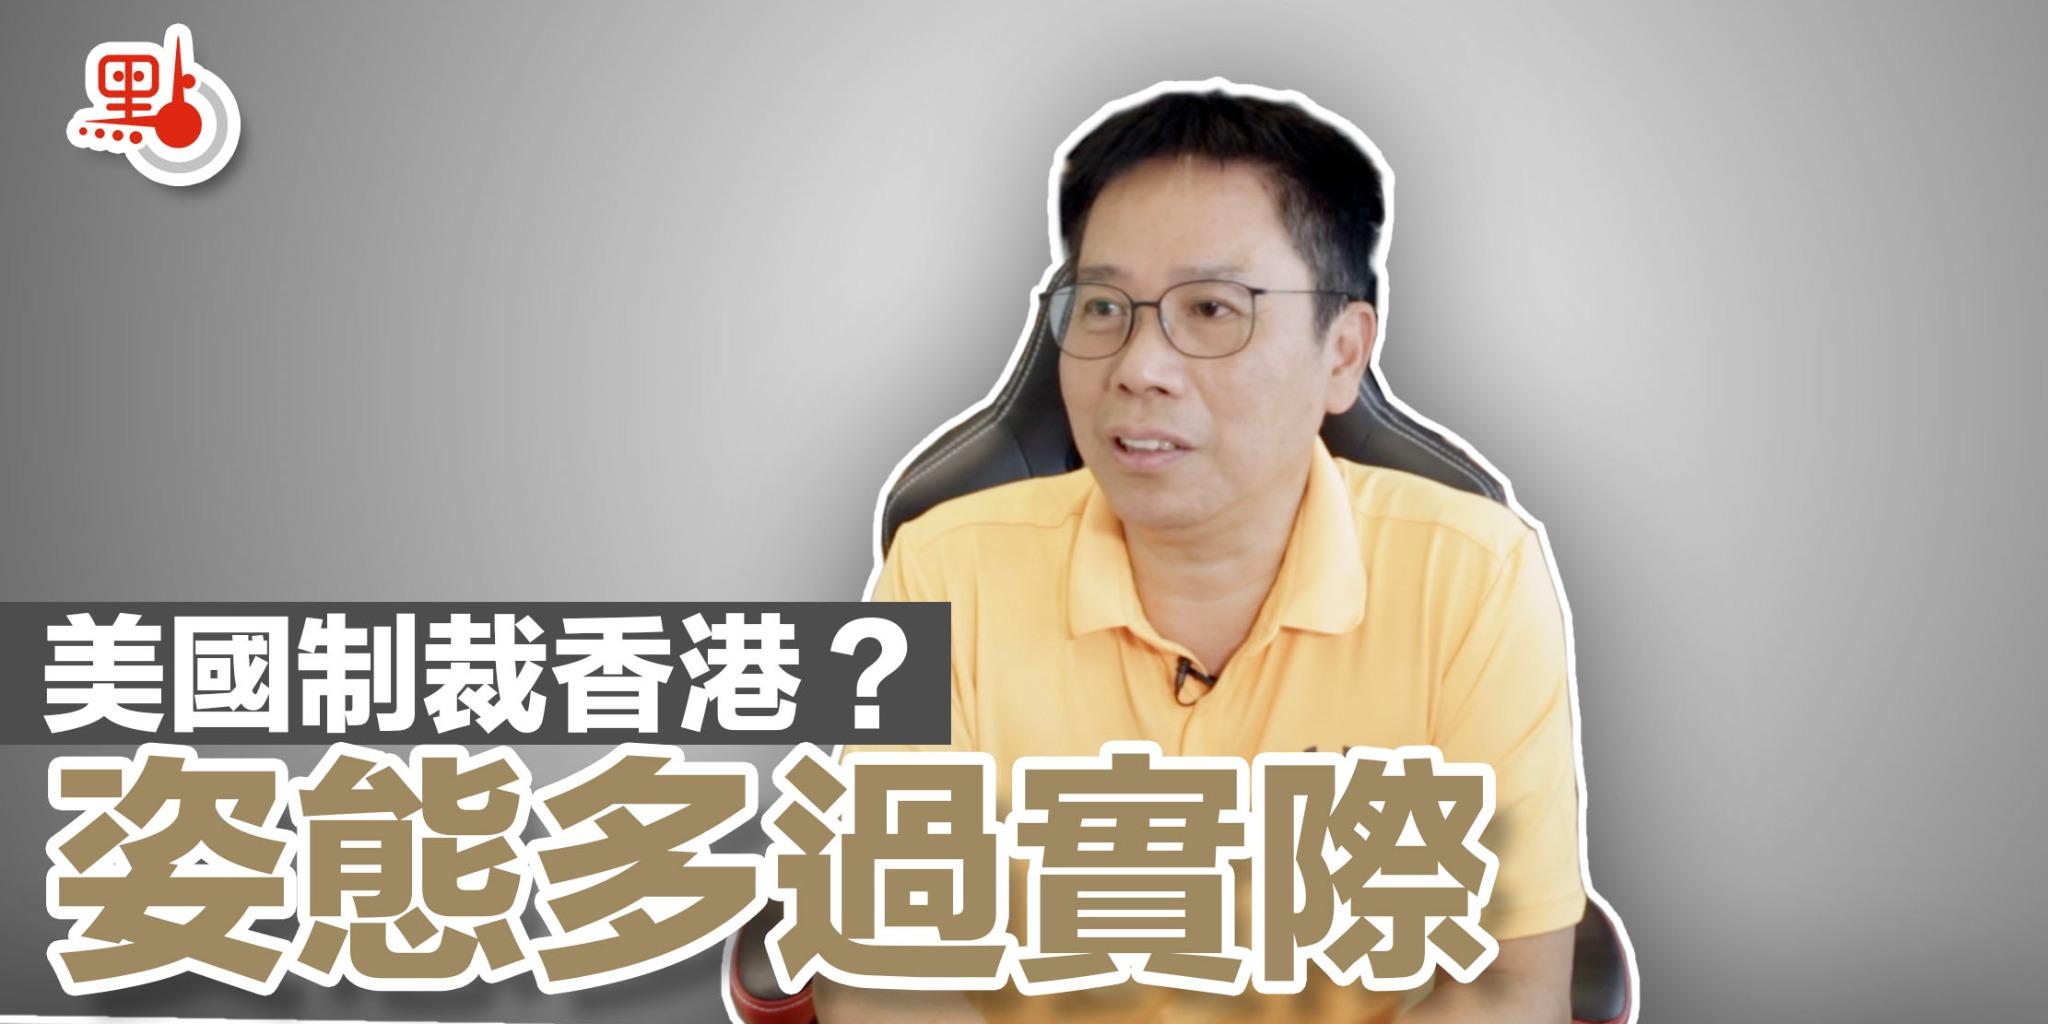 冼師傅教路國際篇 | 所謂制裁只是姿態 香港國安法符合國際公約